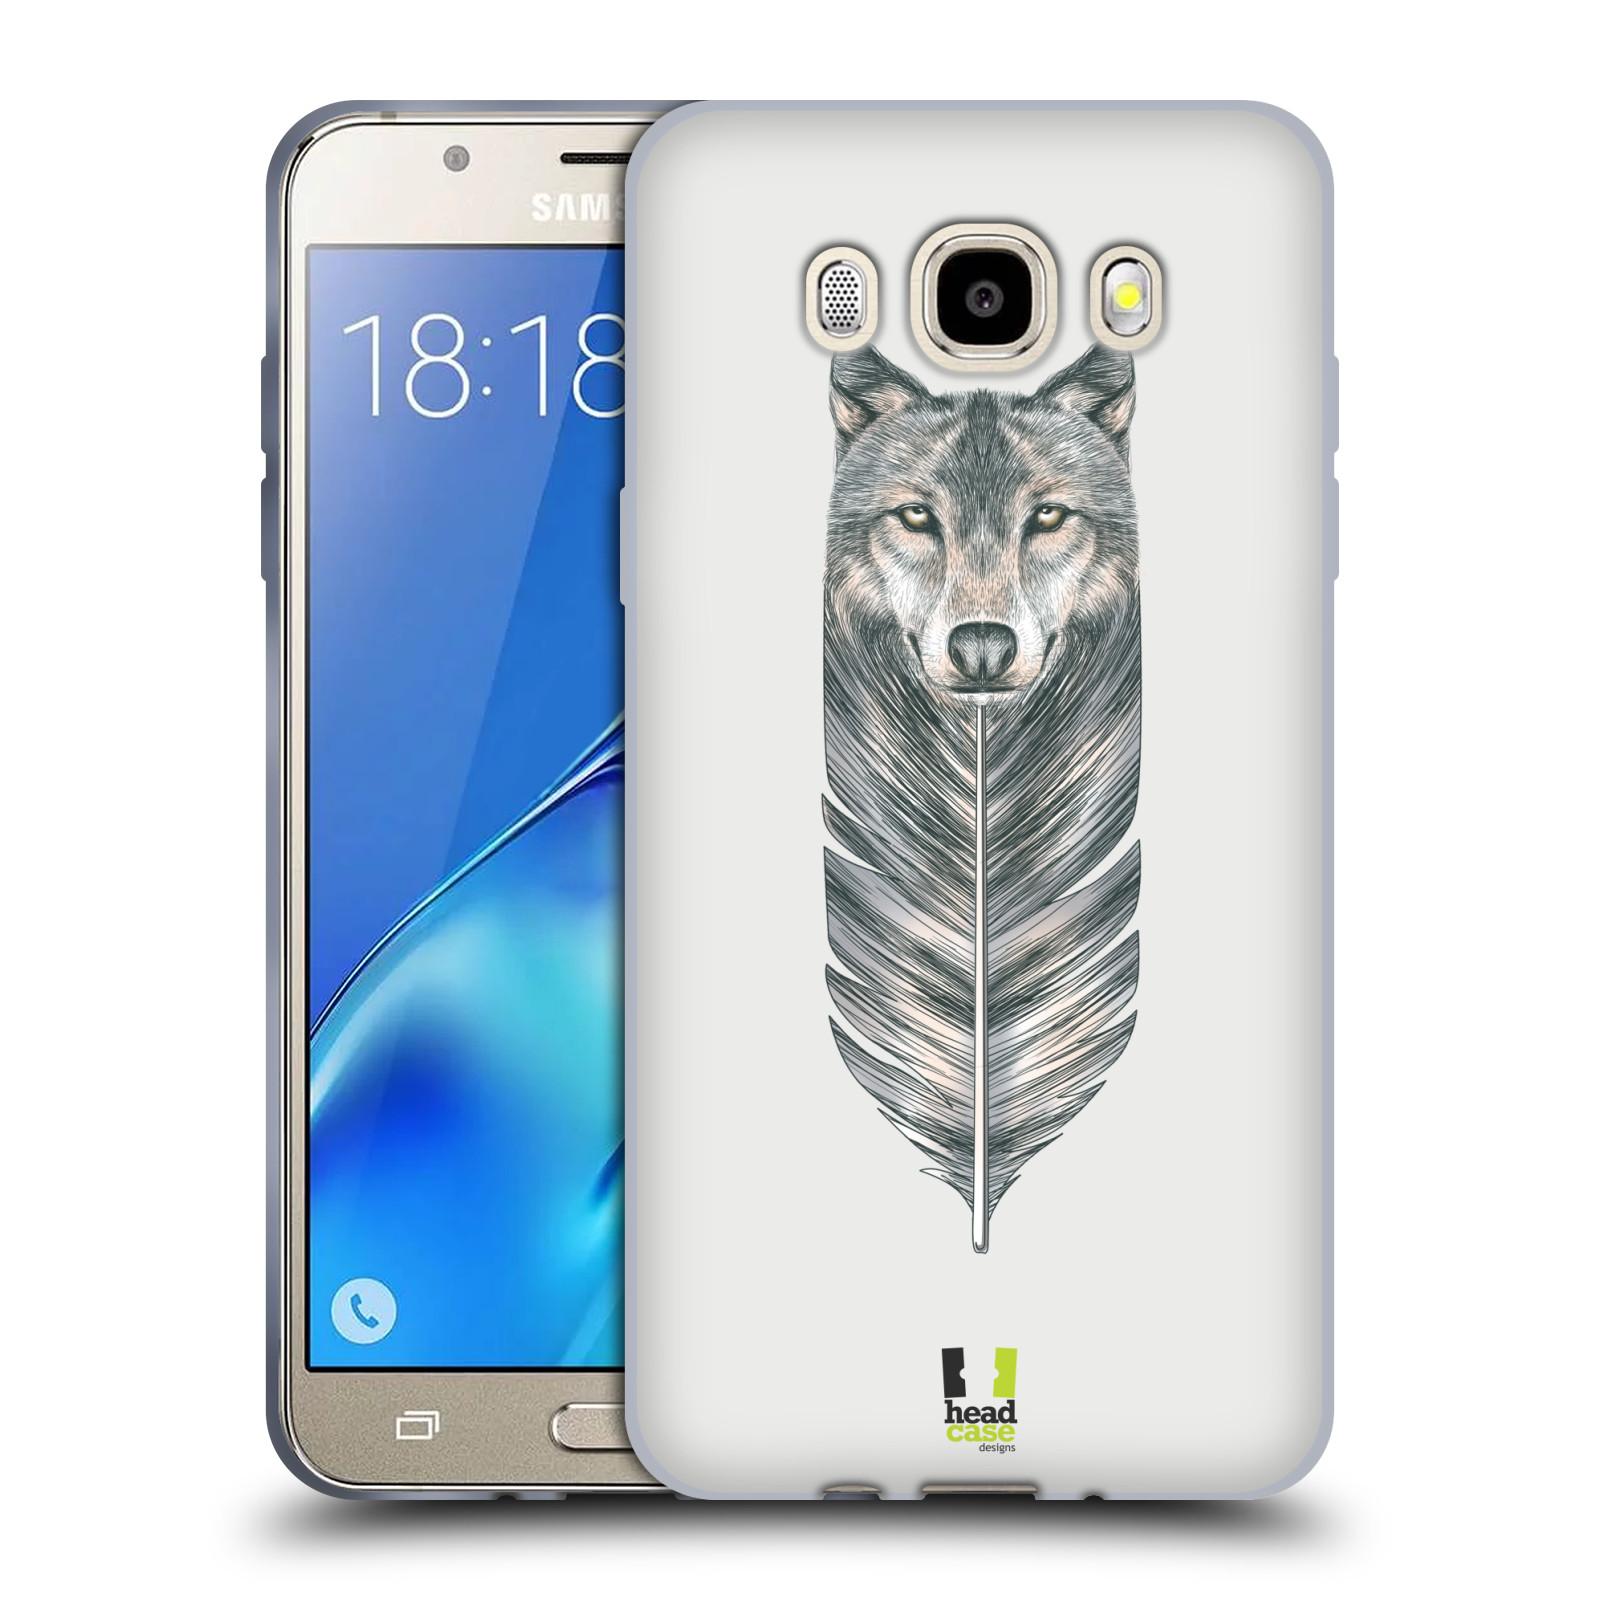 HEAD CASE silikonový obal, kryt na mobil Samsung Galaxy J5 2016, J510, J510F, (J510F DUAL SIM) vzor zvířecí pírka vlk